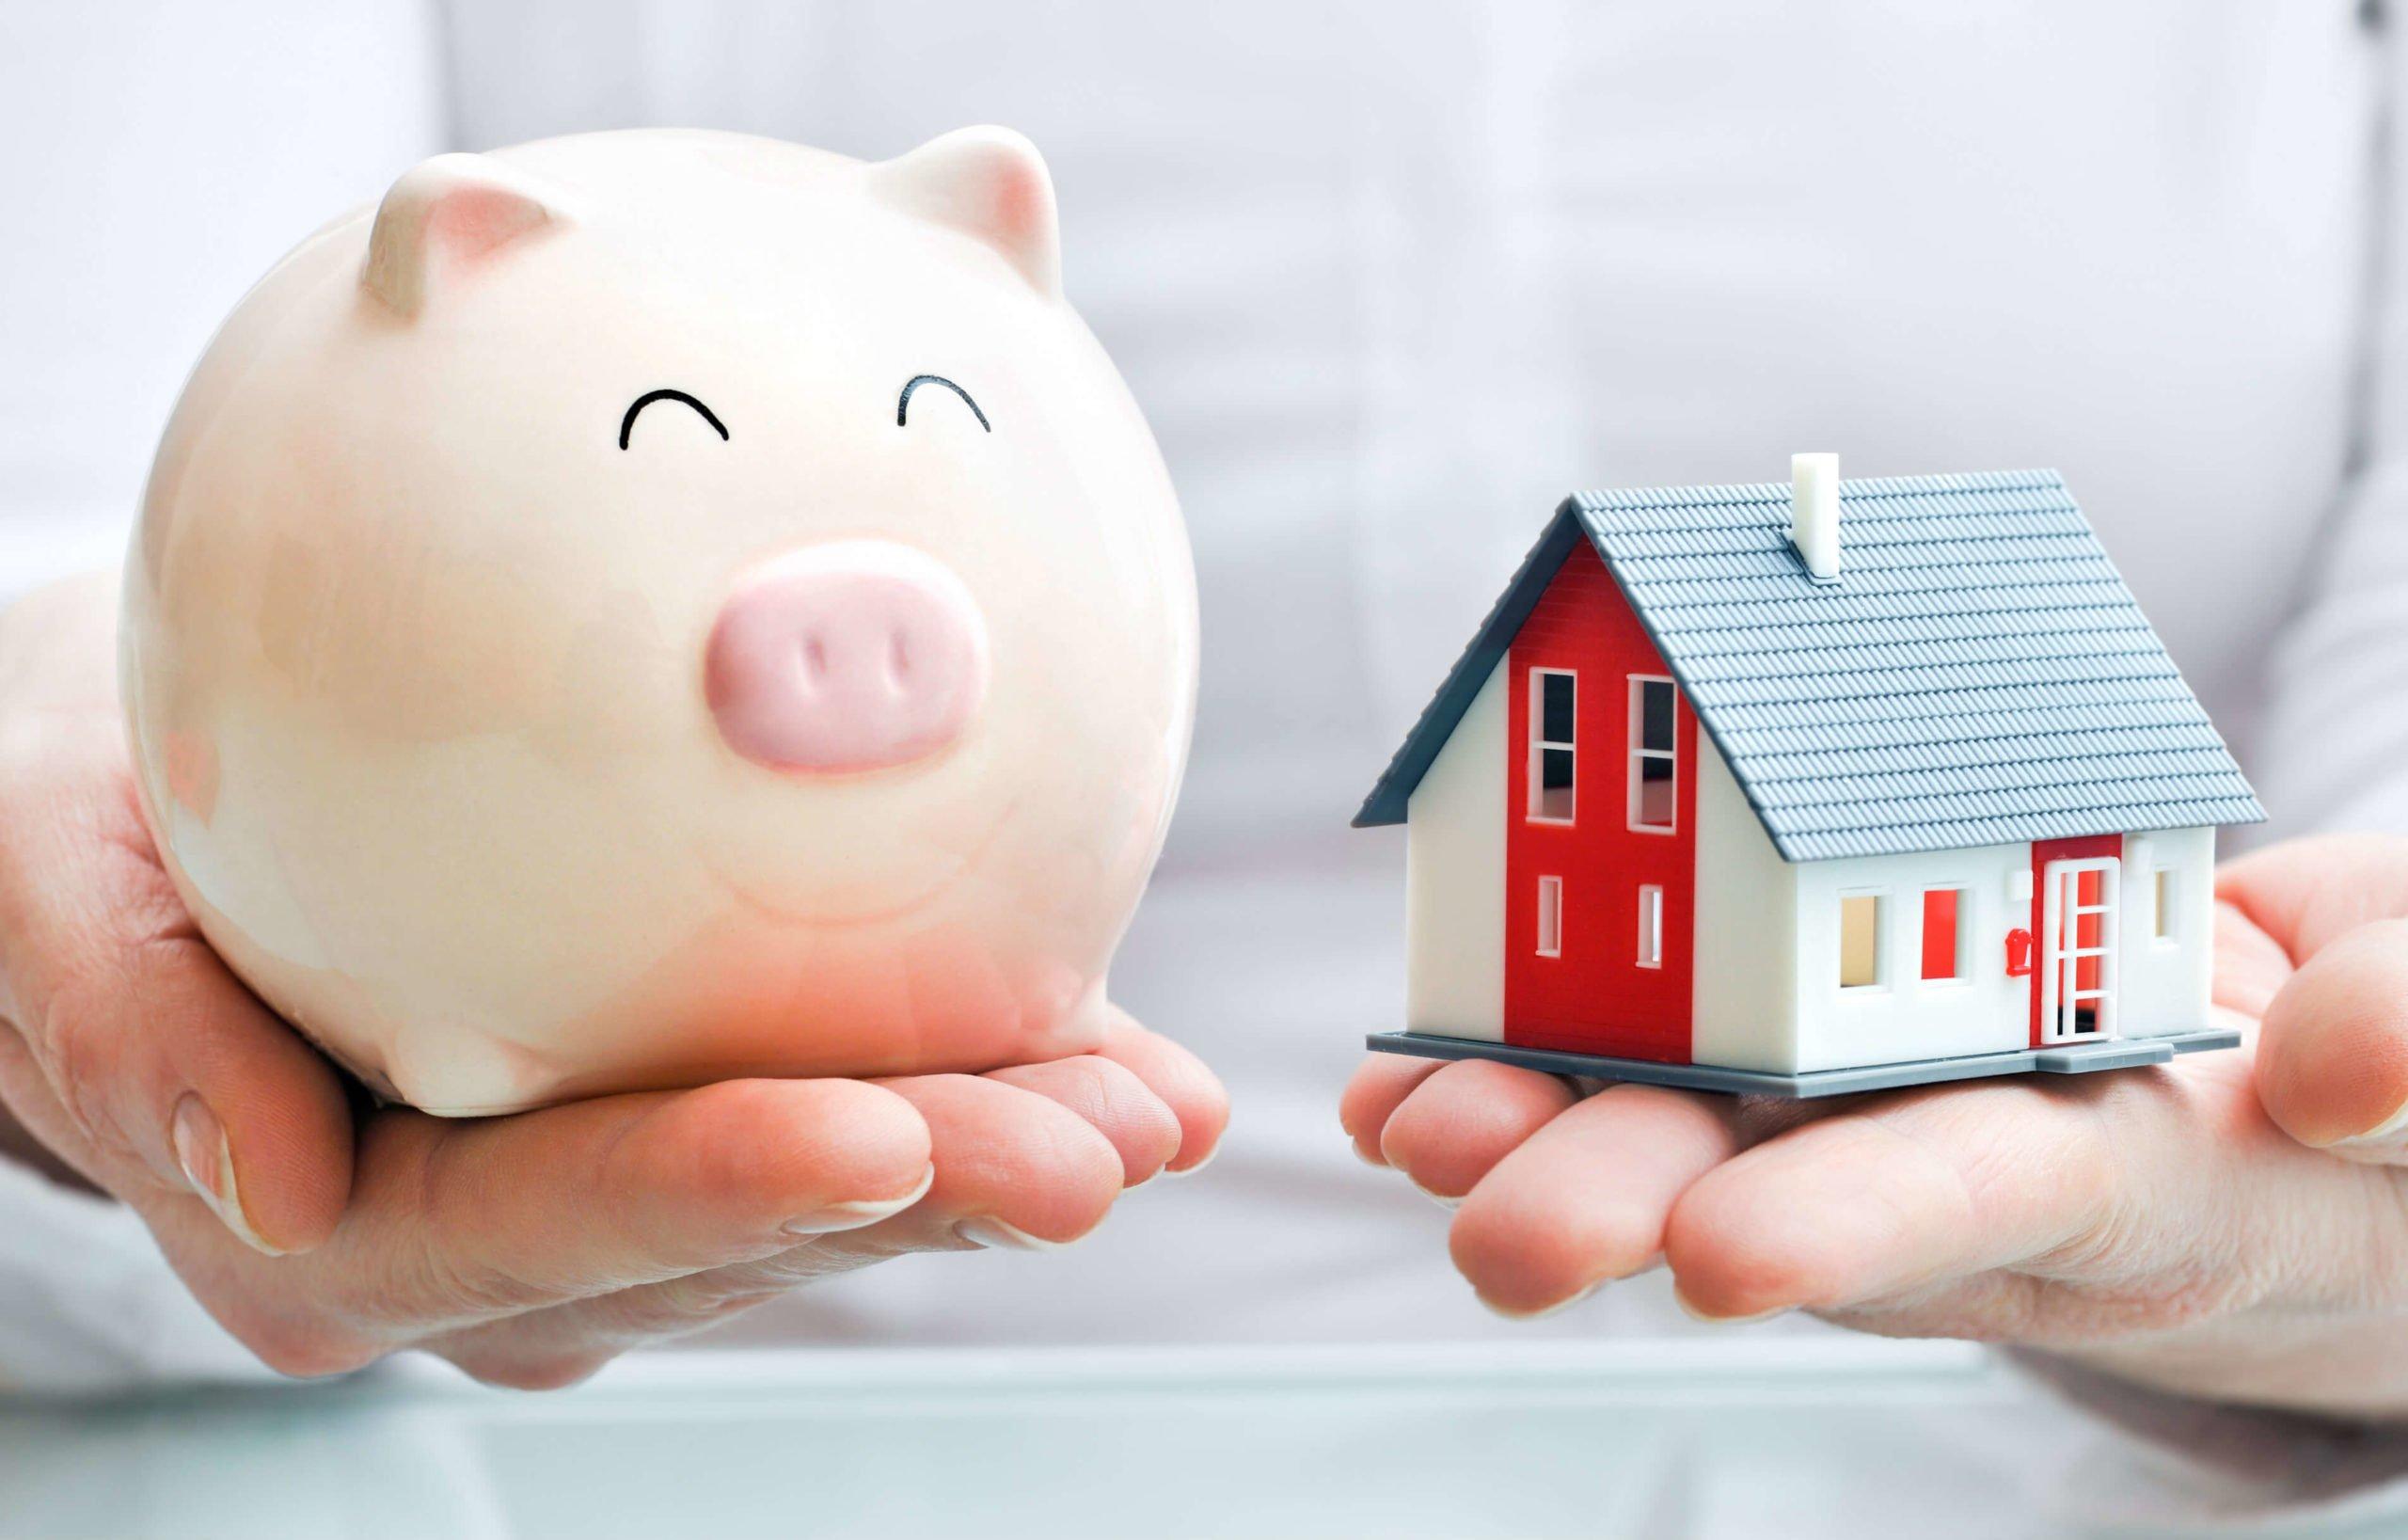 Tipp #1: Der erste Schritt für Nebenkosten Sparen ist einen genaueren Blick auf die Nebenkostenabrechnung zu werfen